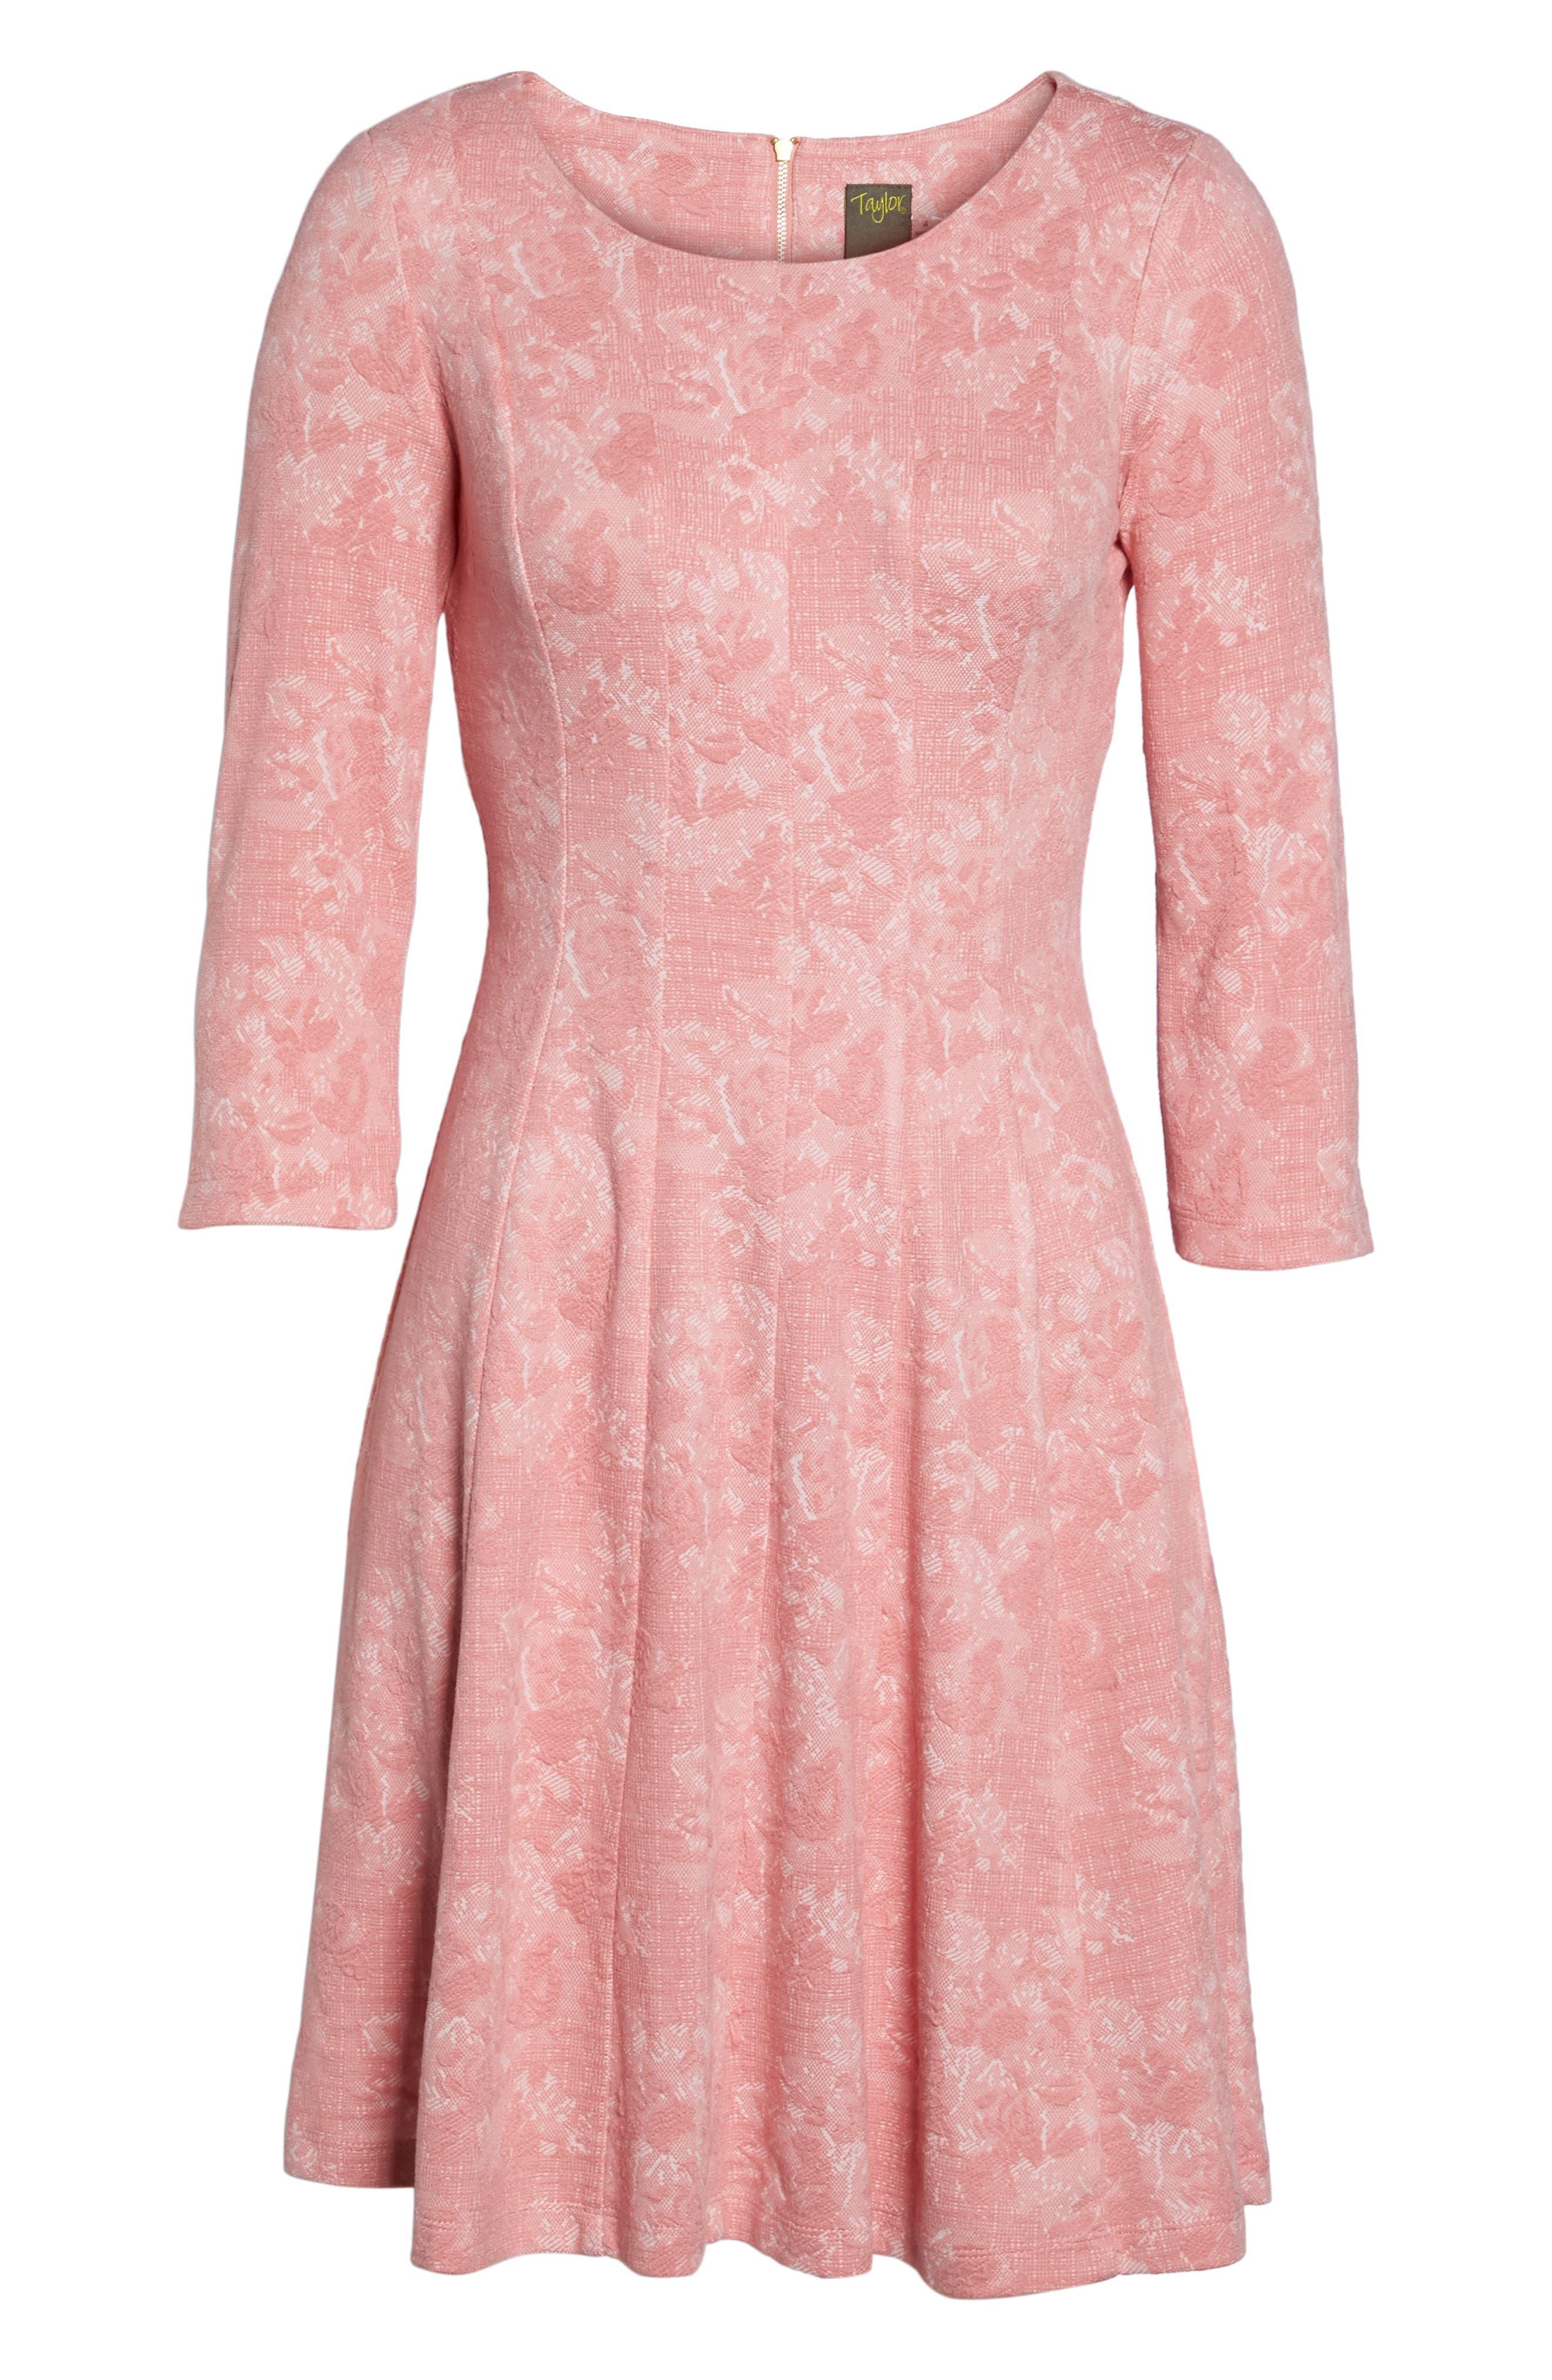 Jacquard Knit Fit & Flare Dress,                             Alternate thumbnail 6, color,                             651